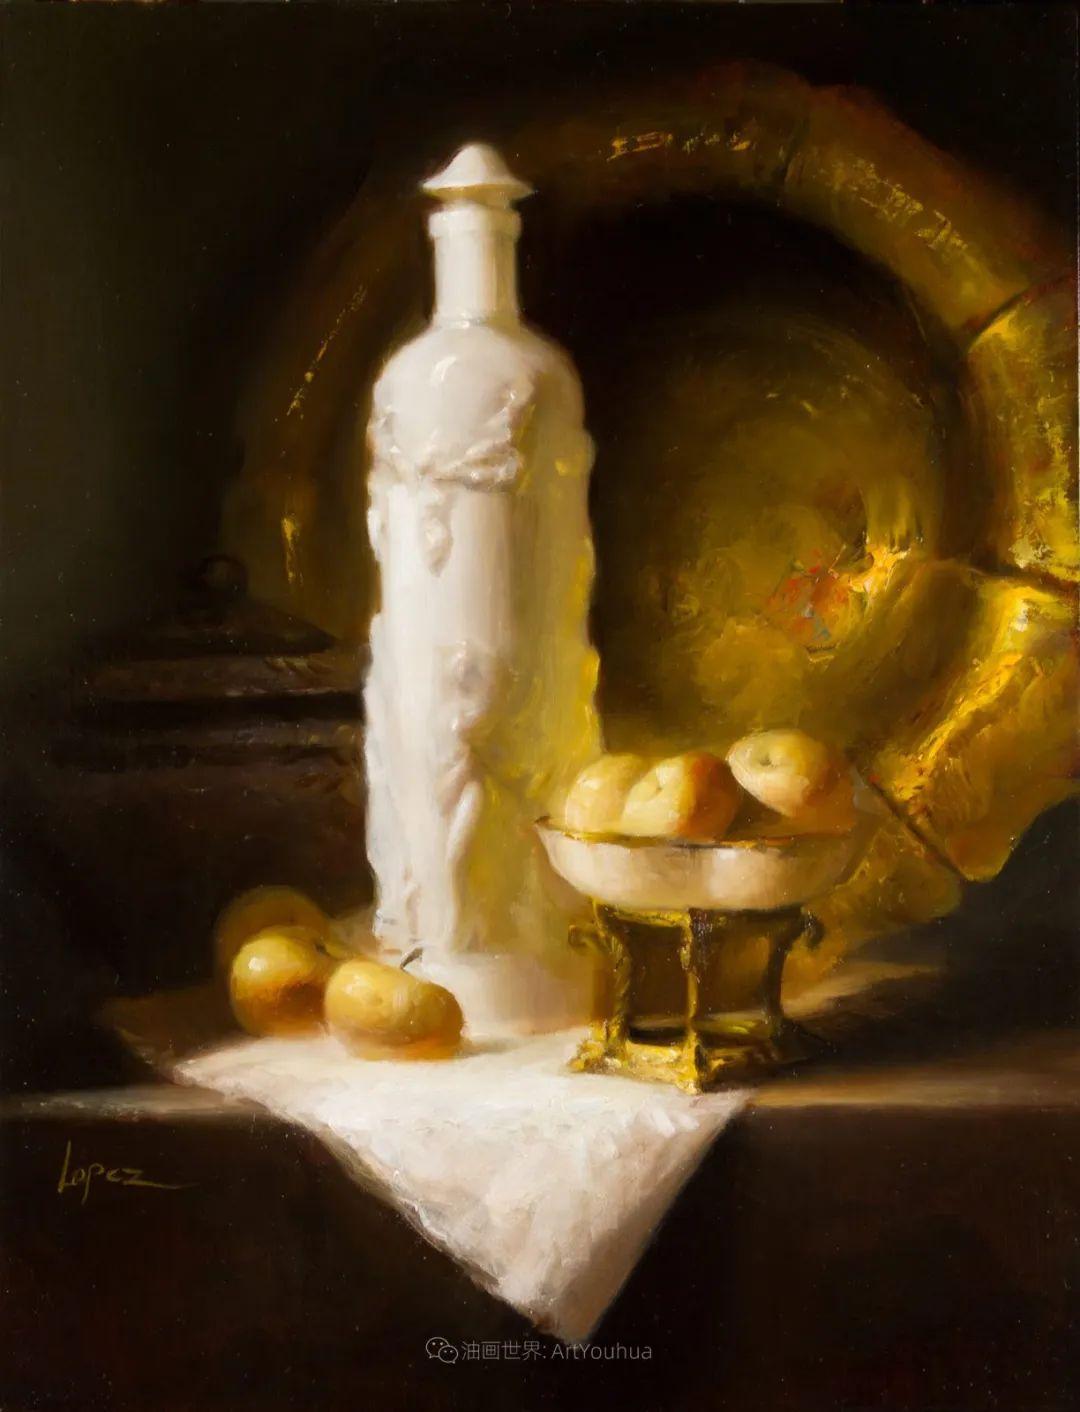 水果与静物,美国女画家莉亚·洛佩兹画选插图63